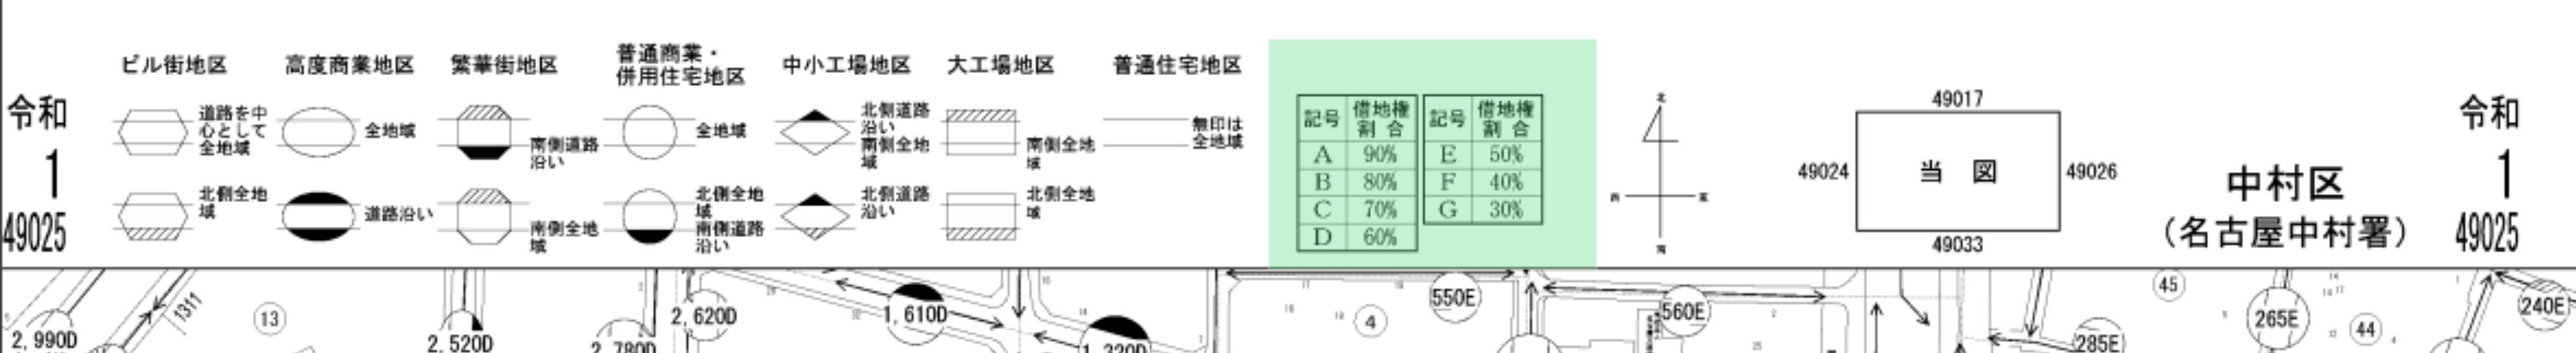 借地権の場合のチェック箇所1